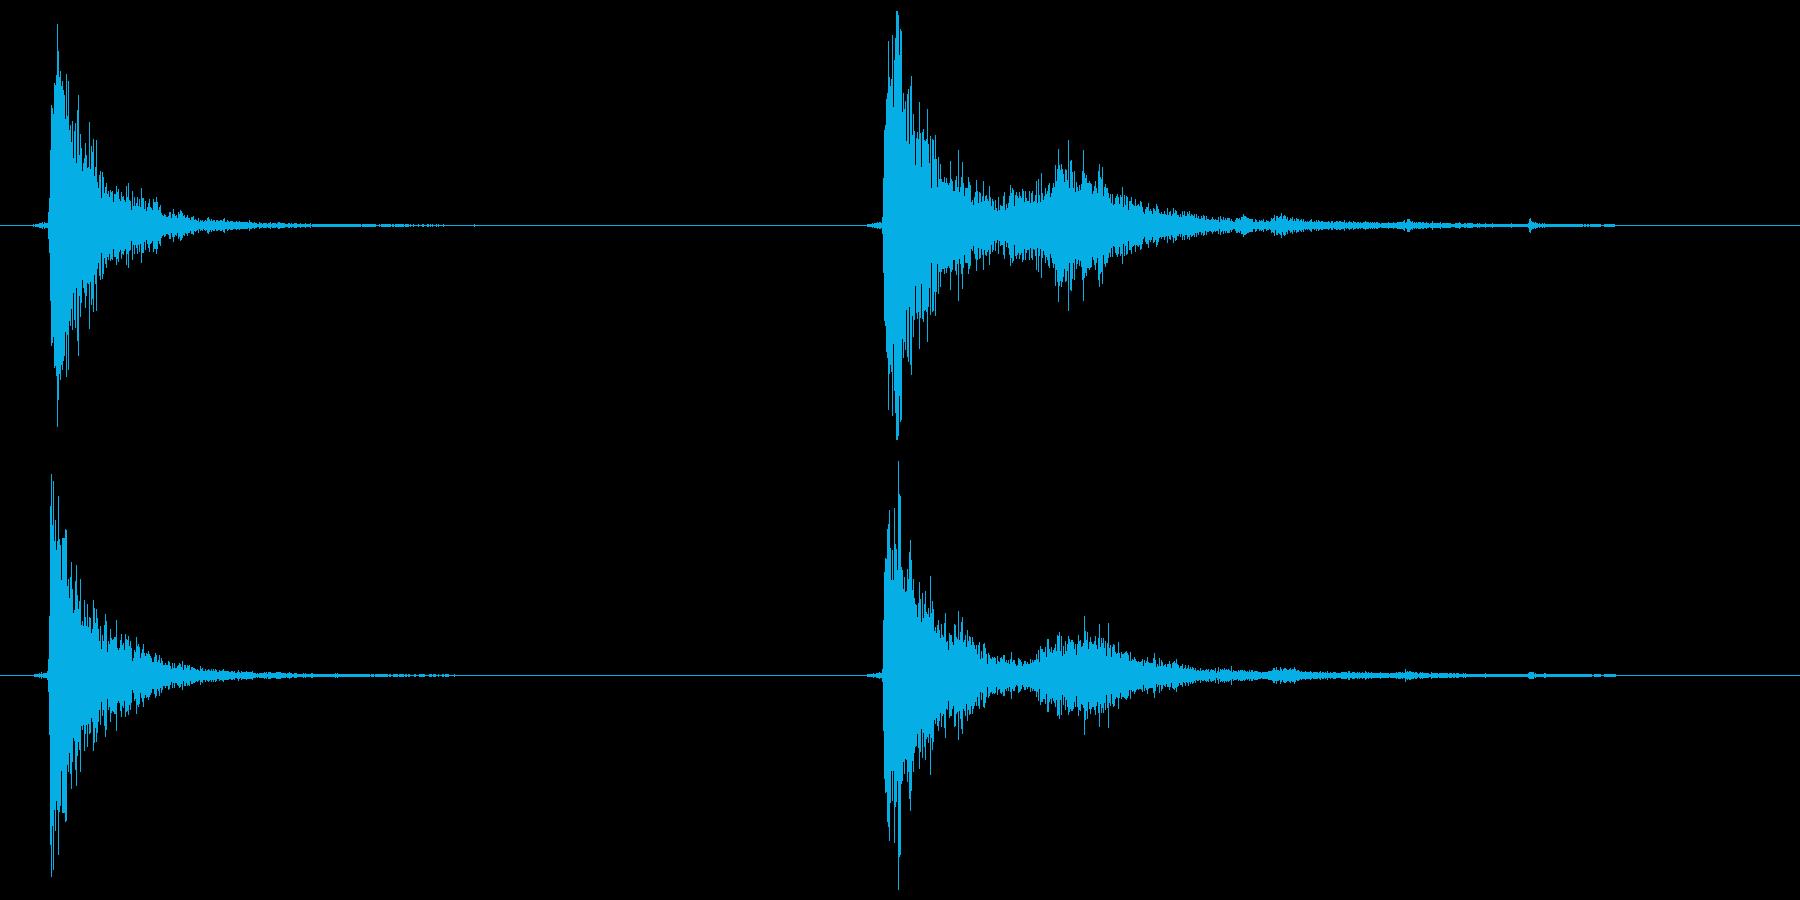 テレビ/ブラウン管 カッ、コッ+チリッの再生済みの波形